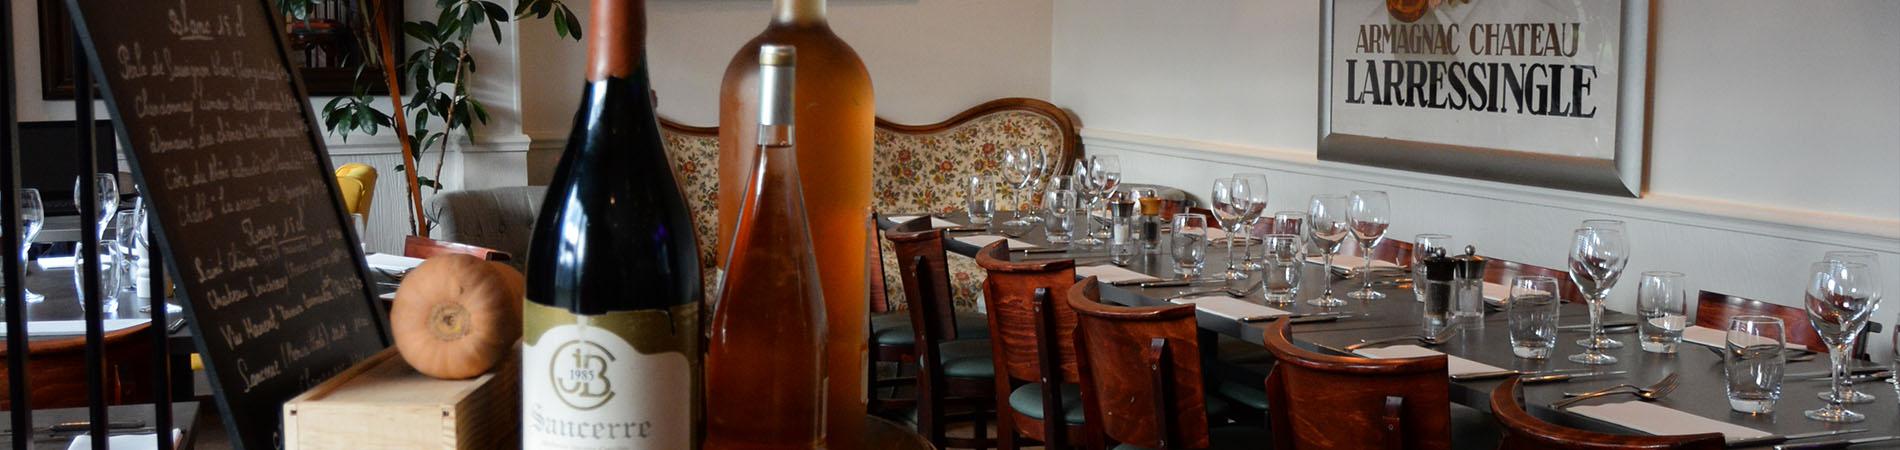 la-grange-restaurant-bar-a-vin-boulogne_slider_acceuil2